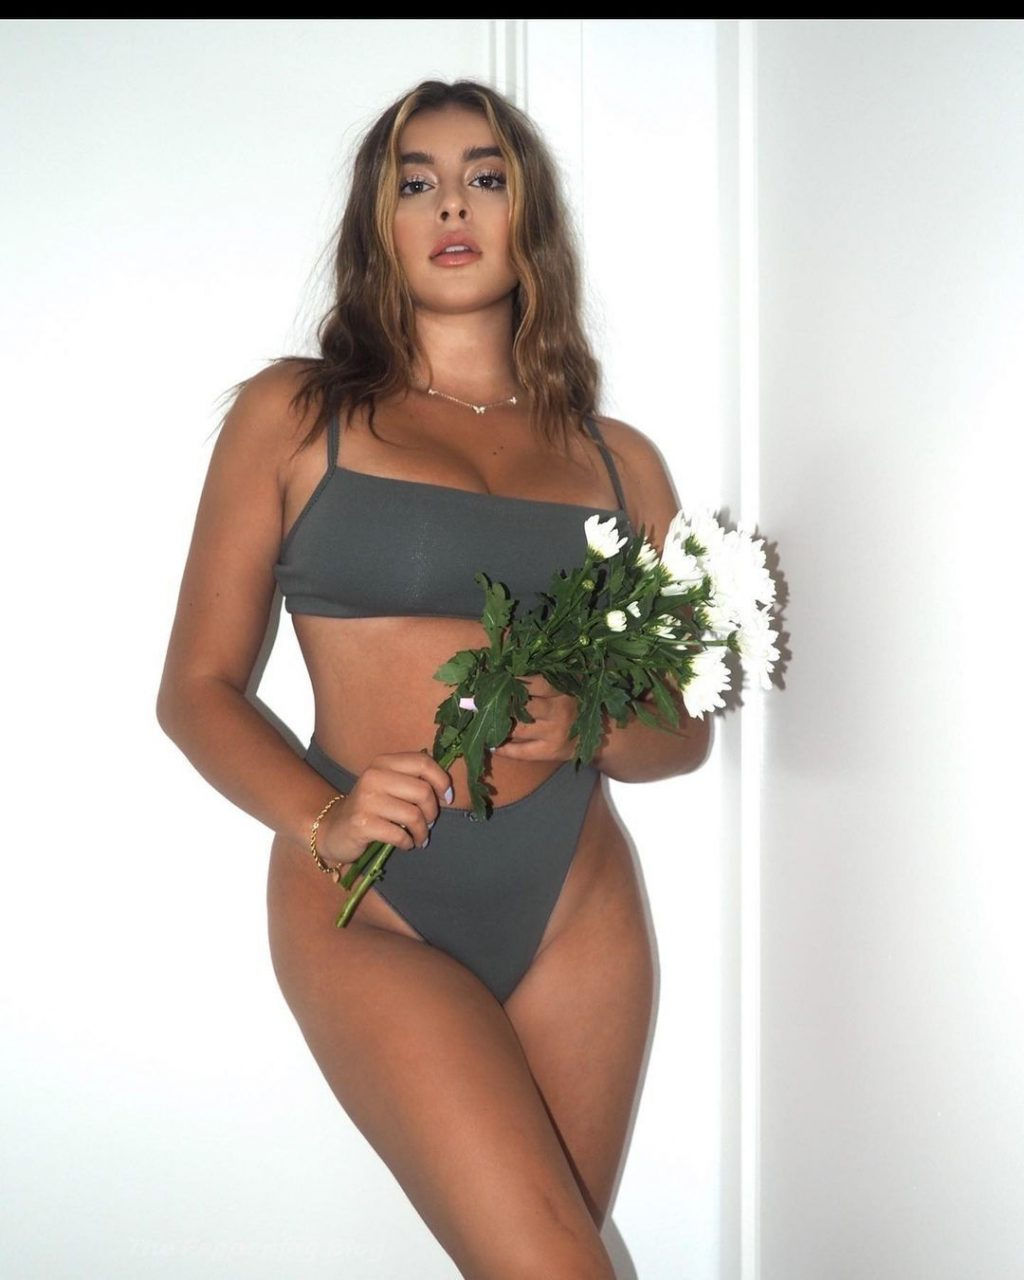 Kalani Hilliker Sexy (18 Photos)